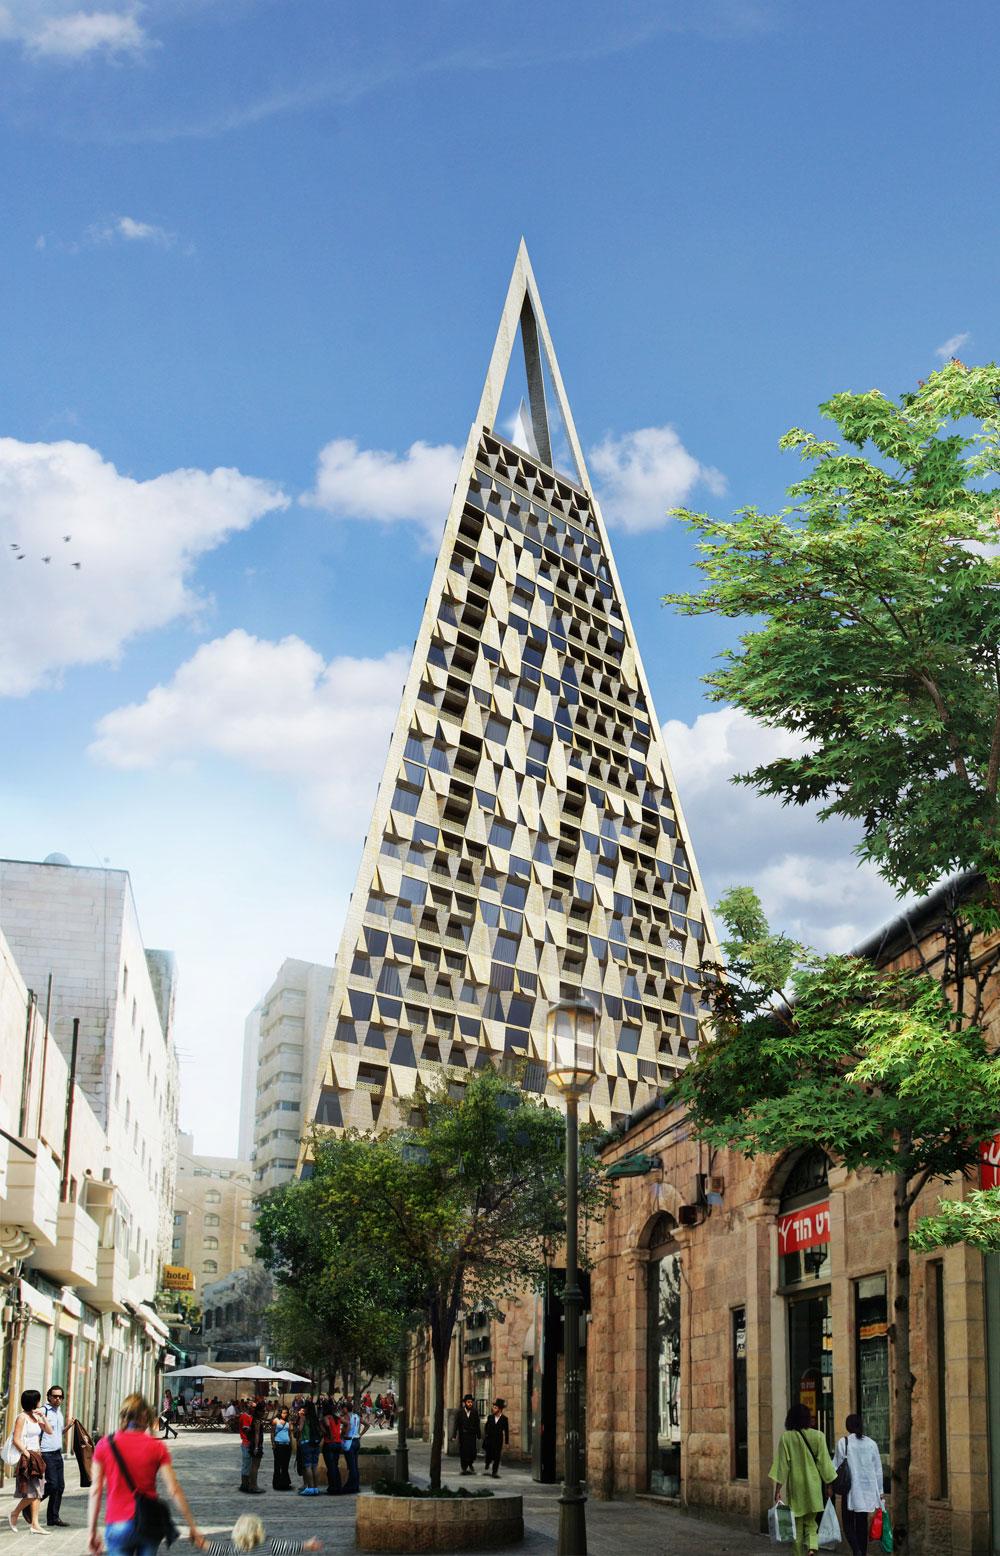 המגדל ברחוב אגריפס. האדריכלים יצטרכו לעצב אותו מחדש (תכנון: Studio Libeskind)